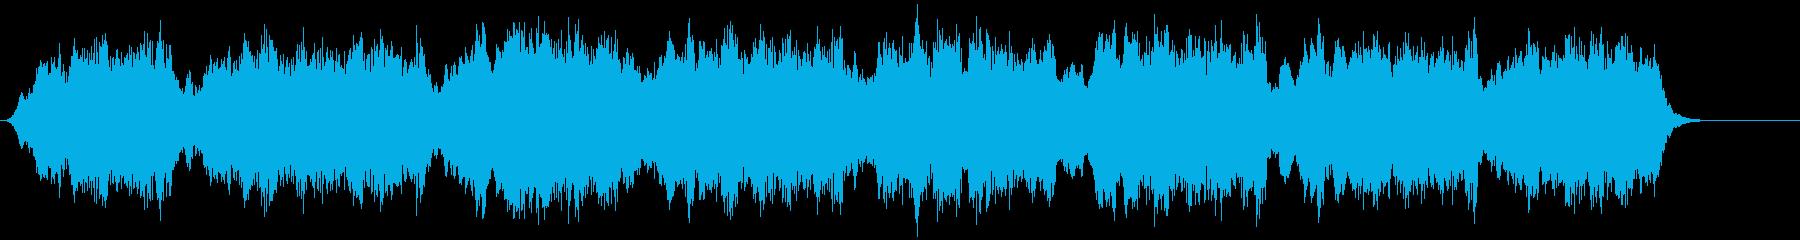 メタリックリズムスロブ、メタリック...の再生済みの波形